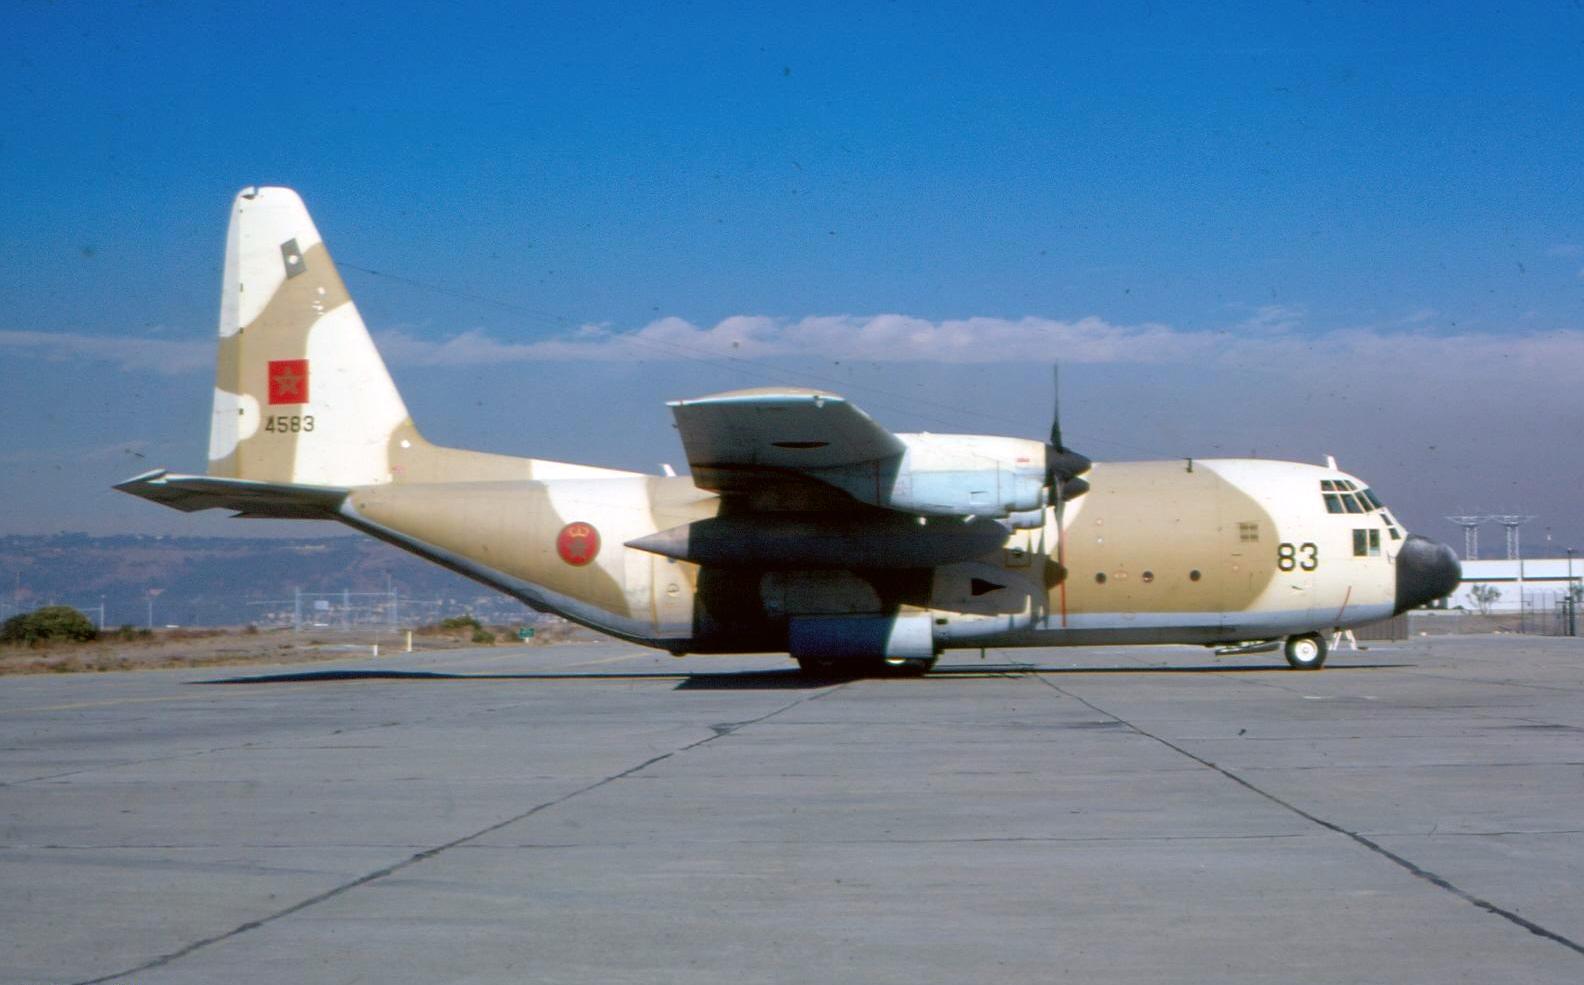 طائرات النقل العاملة بالقوات المسلحة المغربية - صفحة 2 151026051751590249